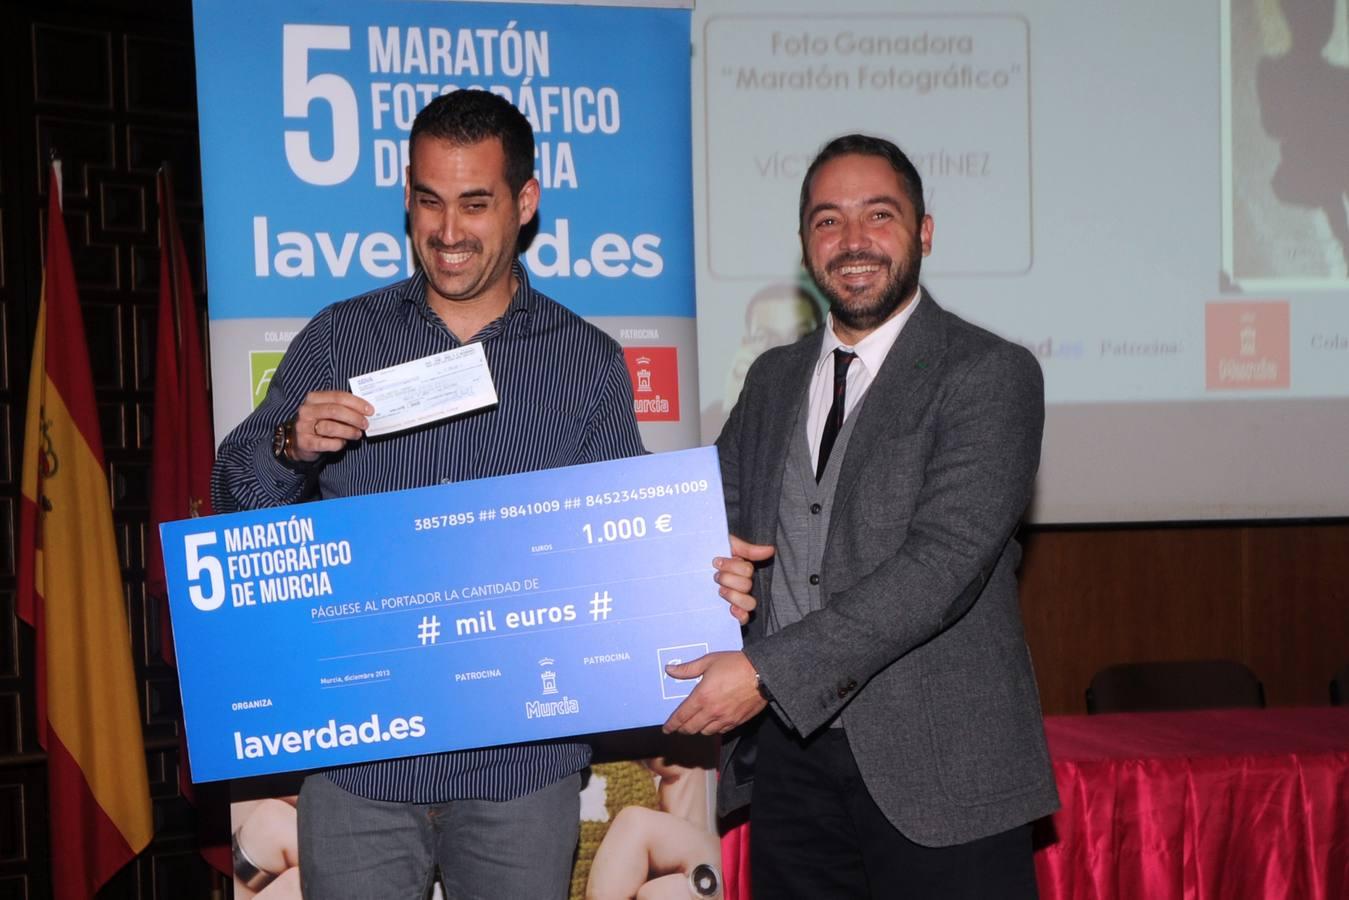 Los ganadores del V Maratón Fotográfico recogen sus premios